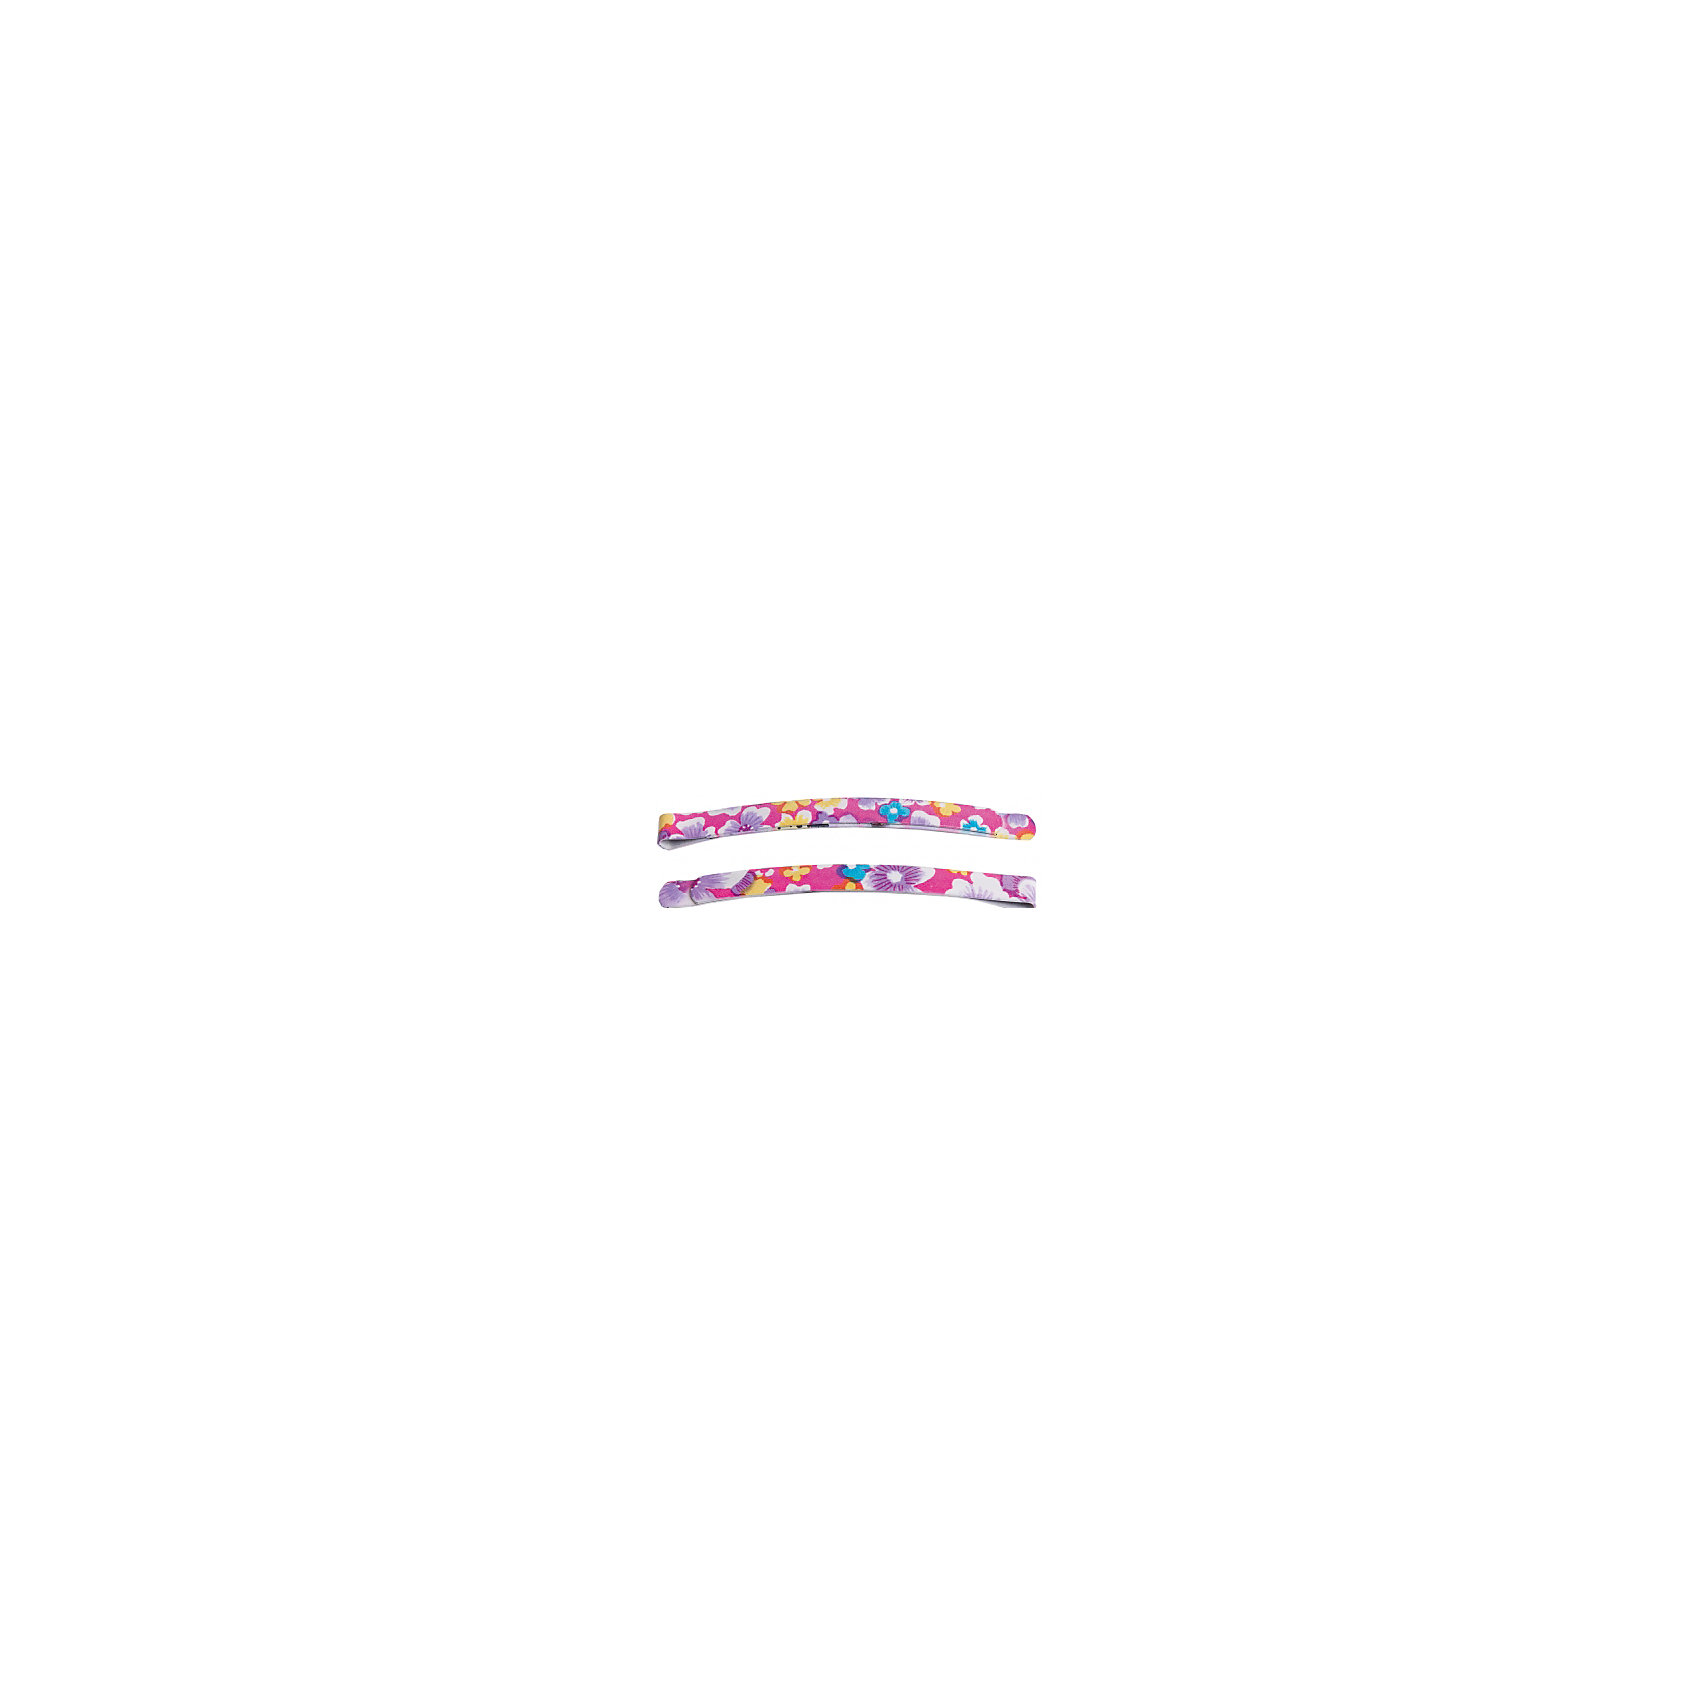 Заколка, 2 шт. для девочки ScoolАксессуары<br>Заколка, 2 шт. для девочки от известного бренда Scool.<br>Стильные заколки для волос придадут прическе Вашего ребенка аккуратный, законченный вид, при этом украсив ее своей простотой и оригинальным дизайном.<br> - в комплекте 2 шт.  - качественный материал - удобный замок<br>Состав:<br>100% металл<br><br>Ширина мм: 170<br>Глубина мм: 157<br>Высота мм: 67<br>Вес г: 117<br>Цвет: разноцветный<br>Возраст от месяцев: 108<br>Возраст до месяцев: 168<br>Пол: Женский<br>Возраст: Детский<br>Размер: one size<br>SKU: 5078480